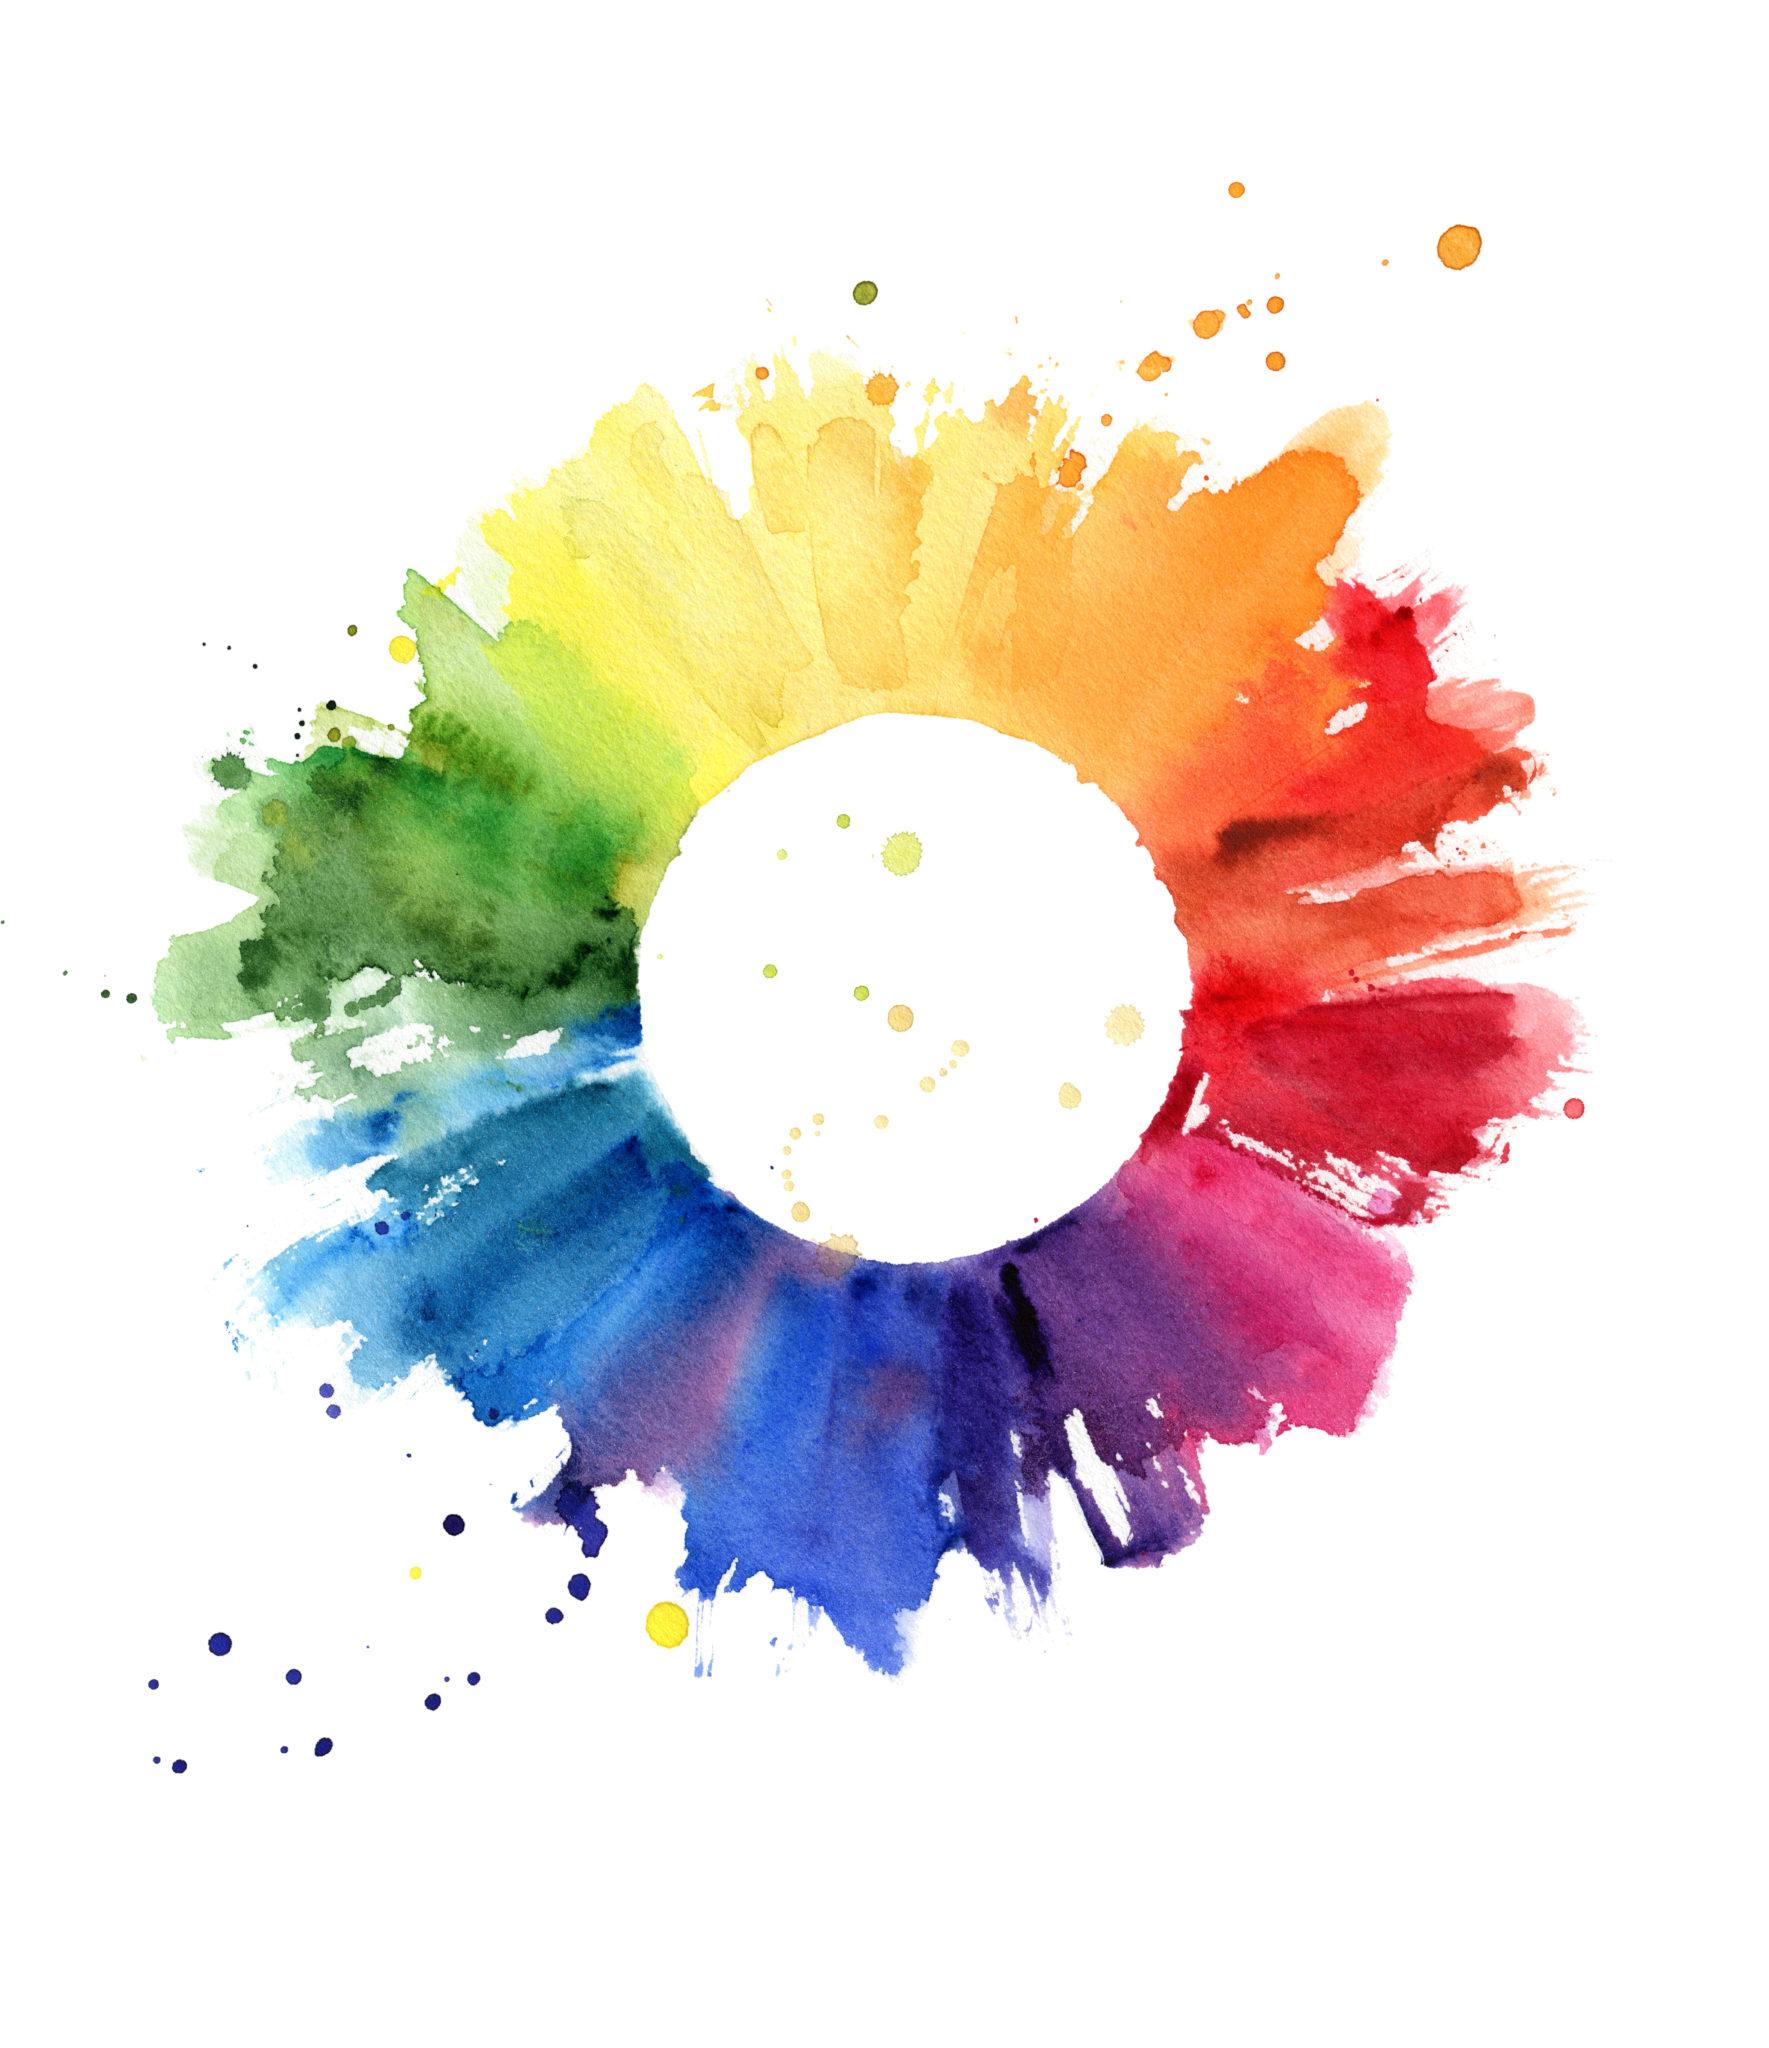 Farbsehen intensivieren durch Sehtraining